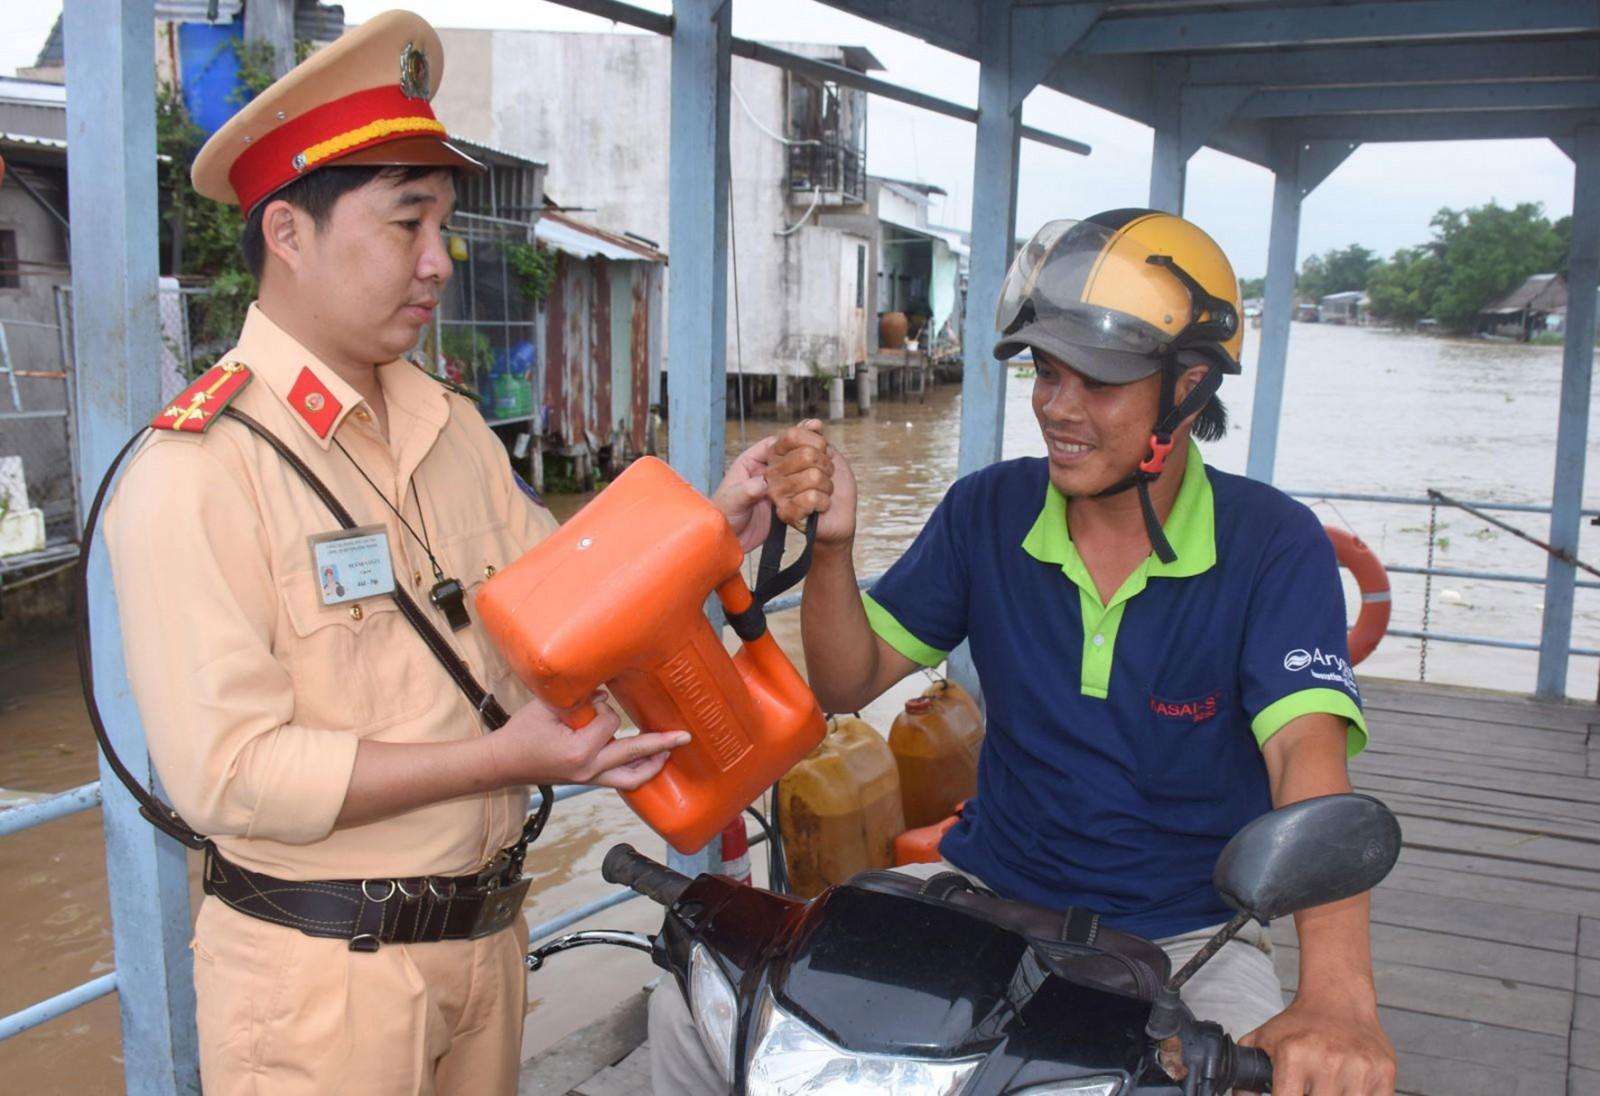 CSGT Công an huyện Vĩnh Thạnh hướng dẫn người đi đò sử dụng dụng cụ nổi cứu sinh cầm tay. Ảnh: XUÂN ĐÀO